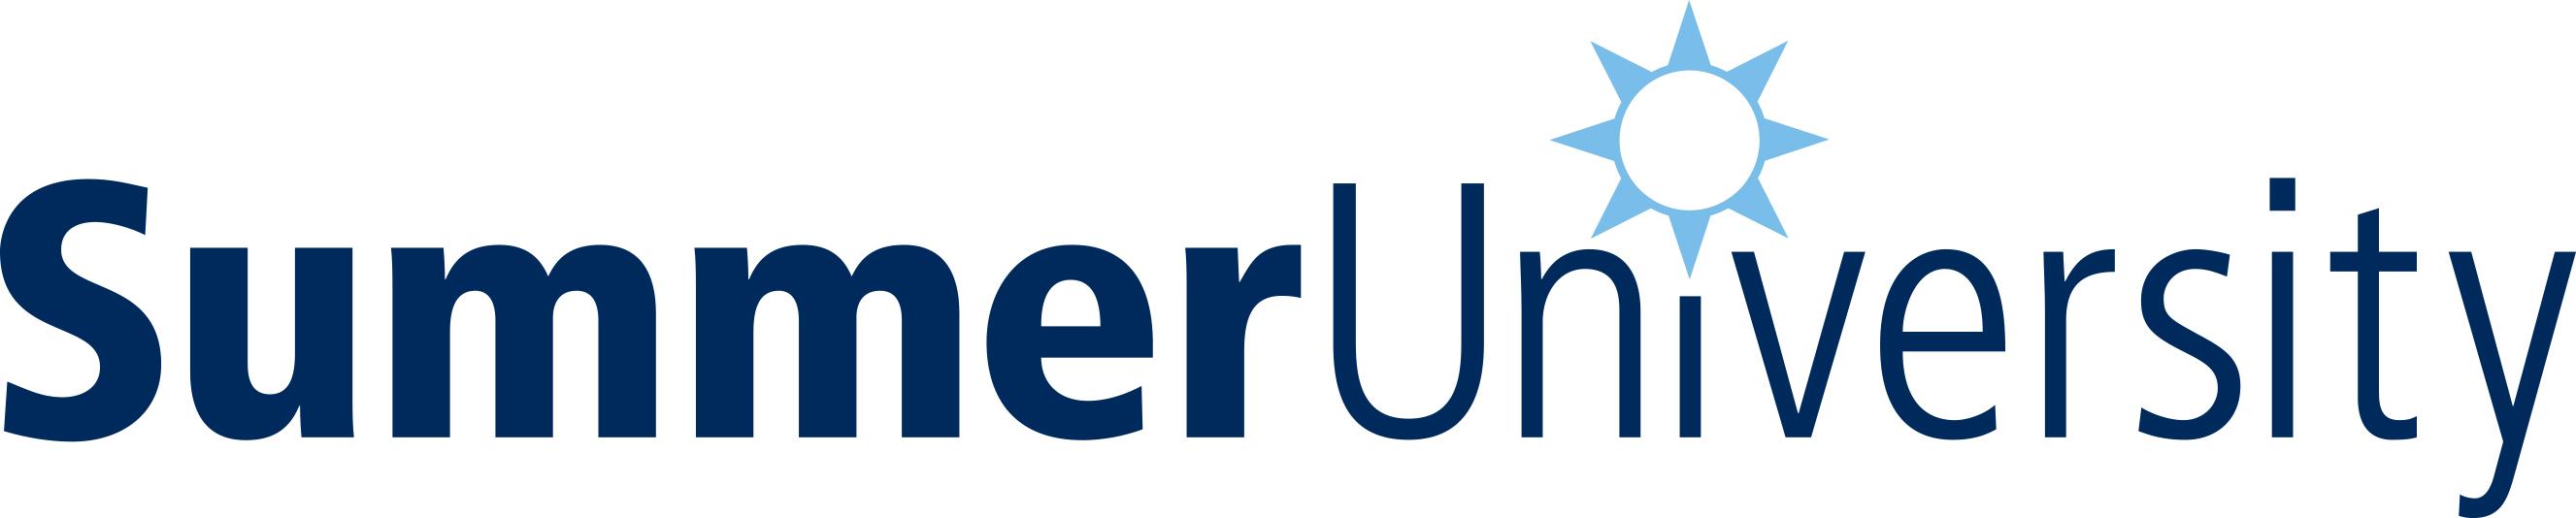 Summer University logo